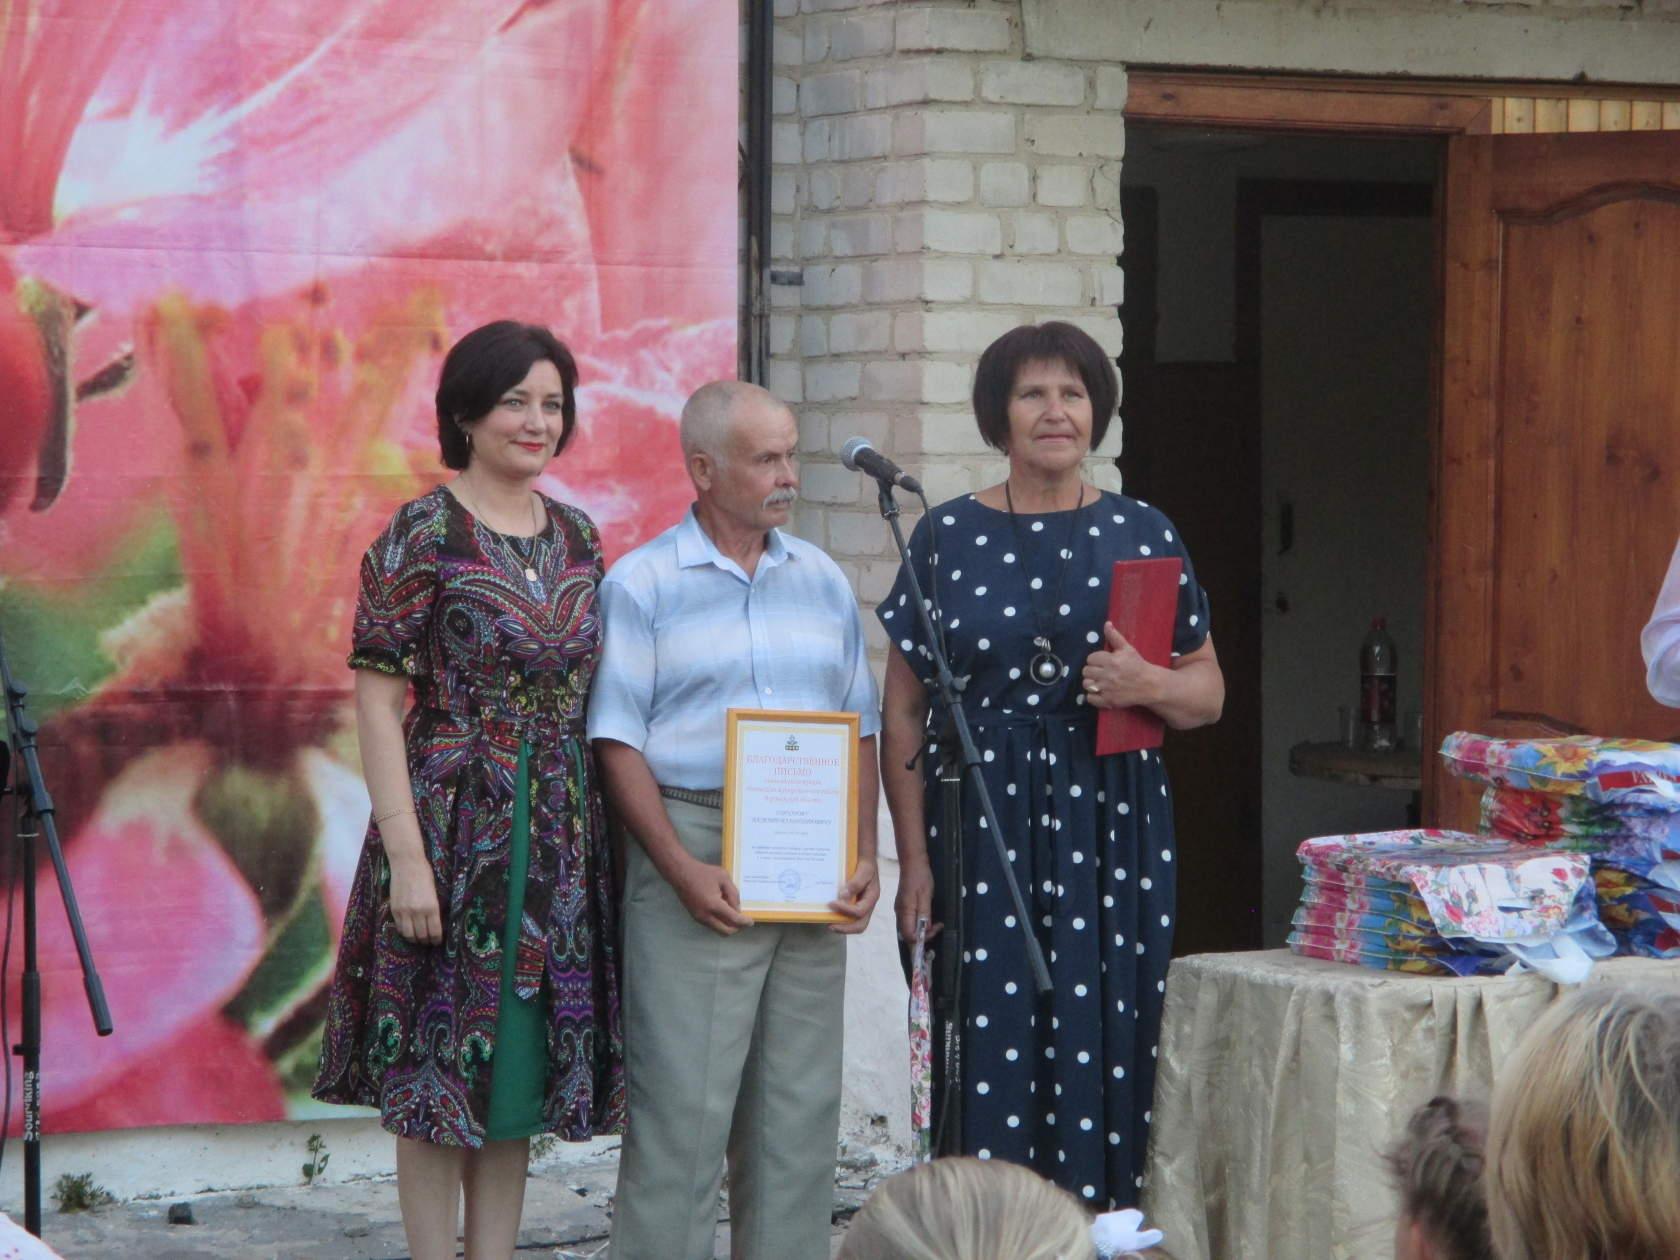 13 июля в селе Россошки прошел праздник День села